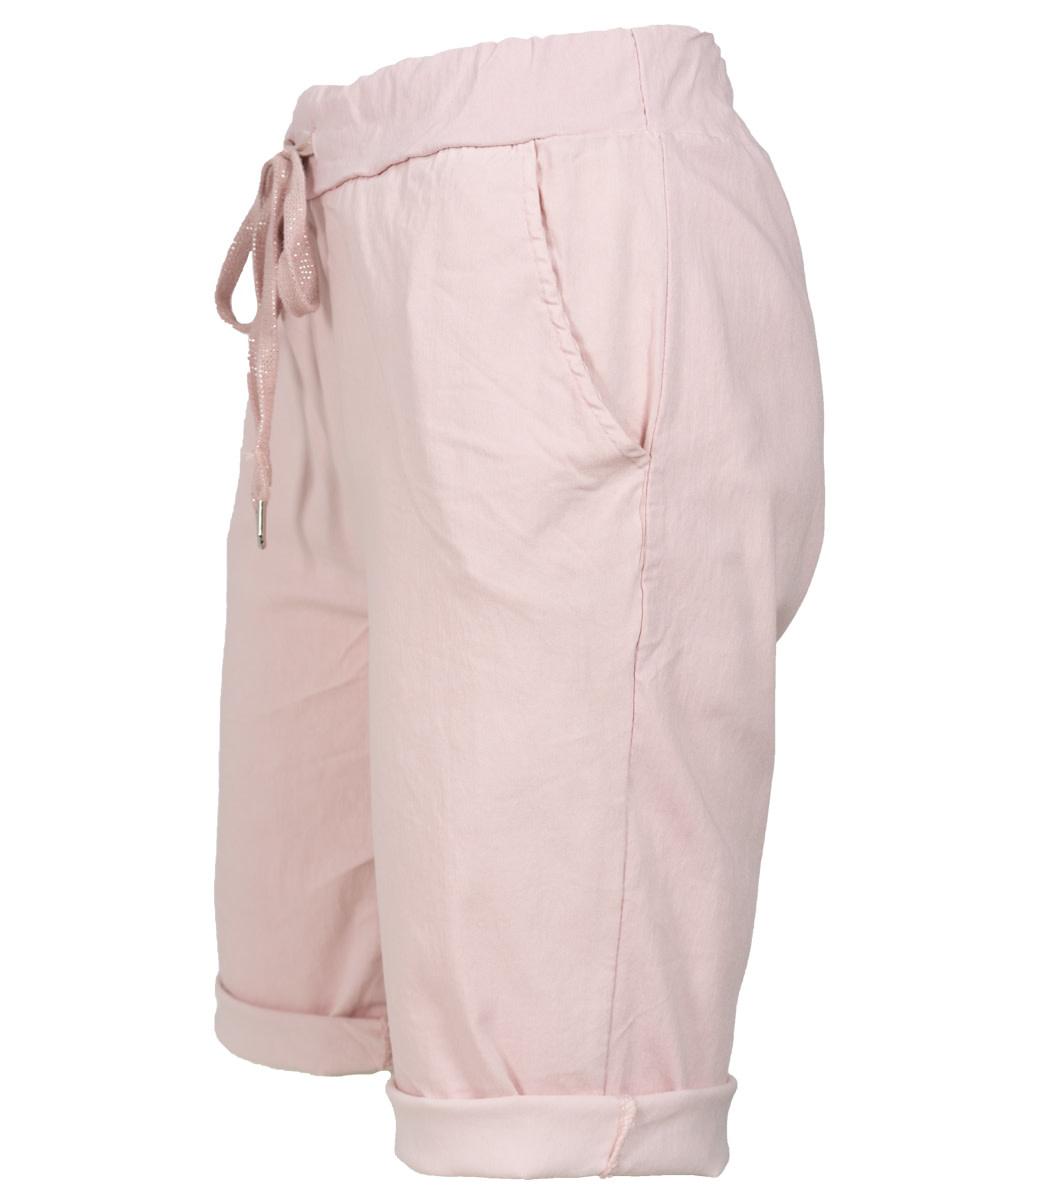 Wannahavesfashion Korte broek roze Cor